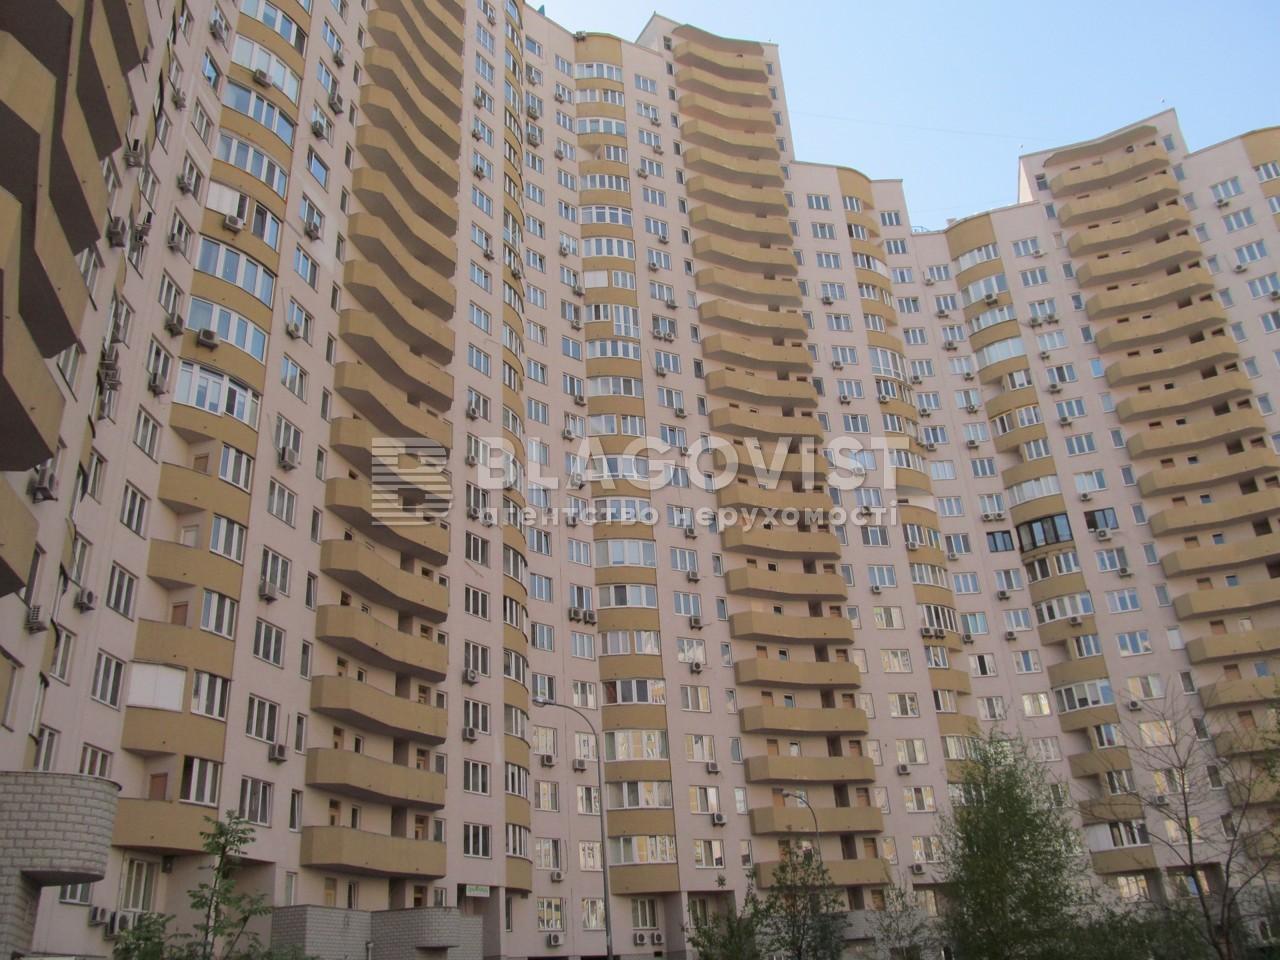 Квартира G-23069, Днепровская наб., 23, Киев - Фото 2